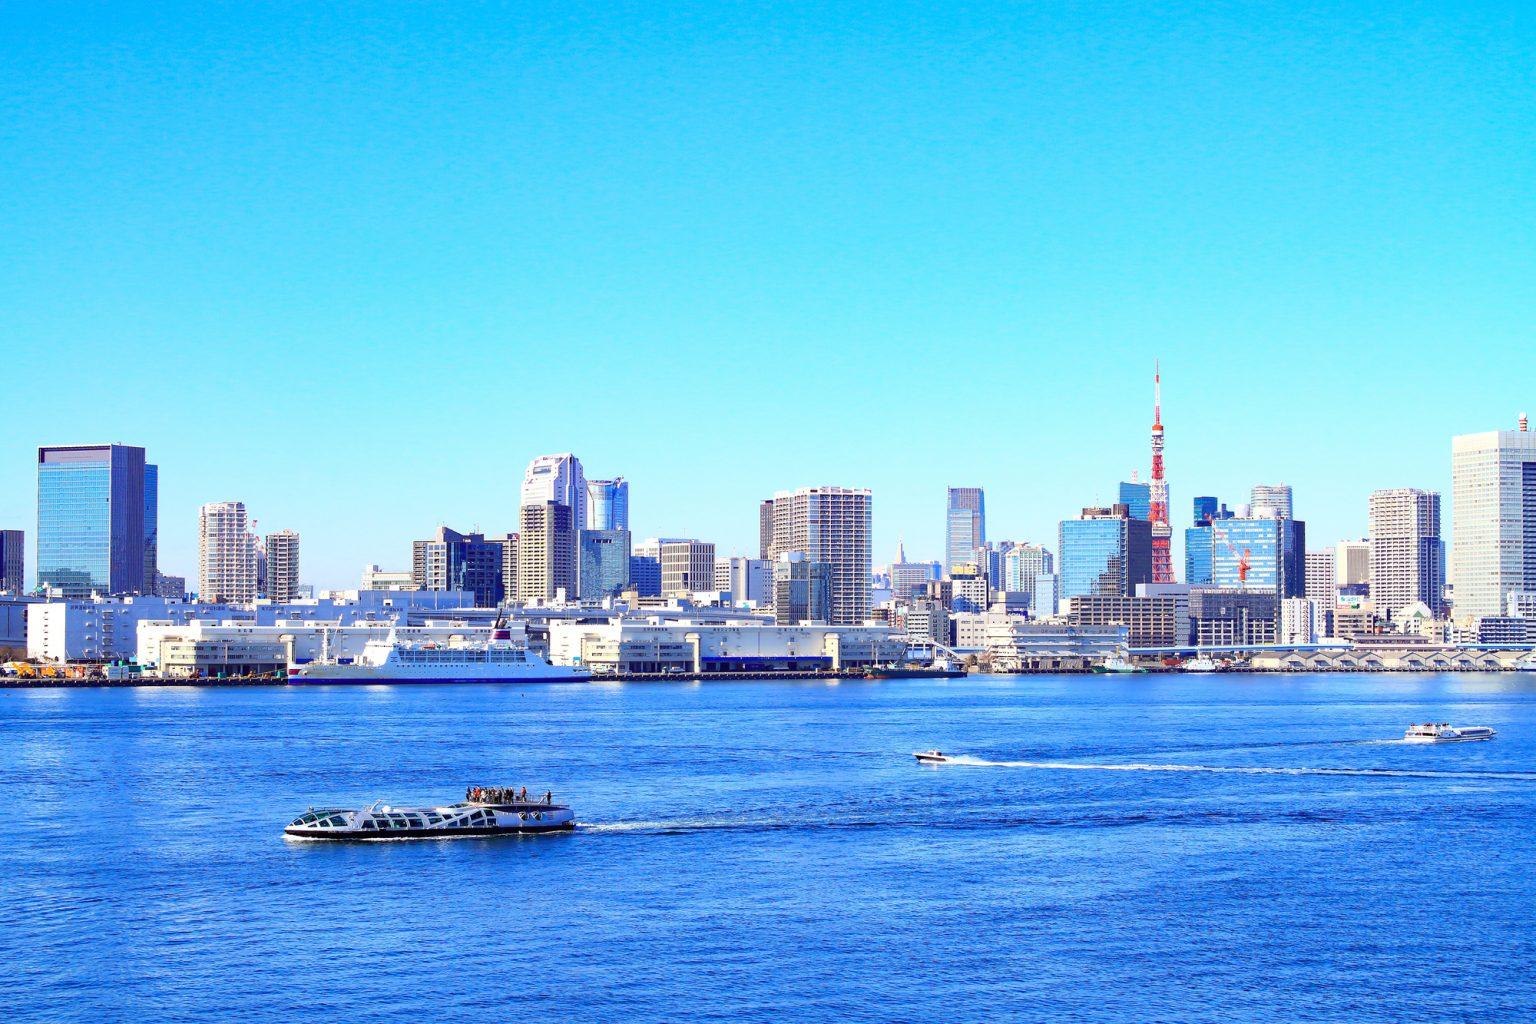 東京湾と船